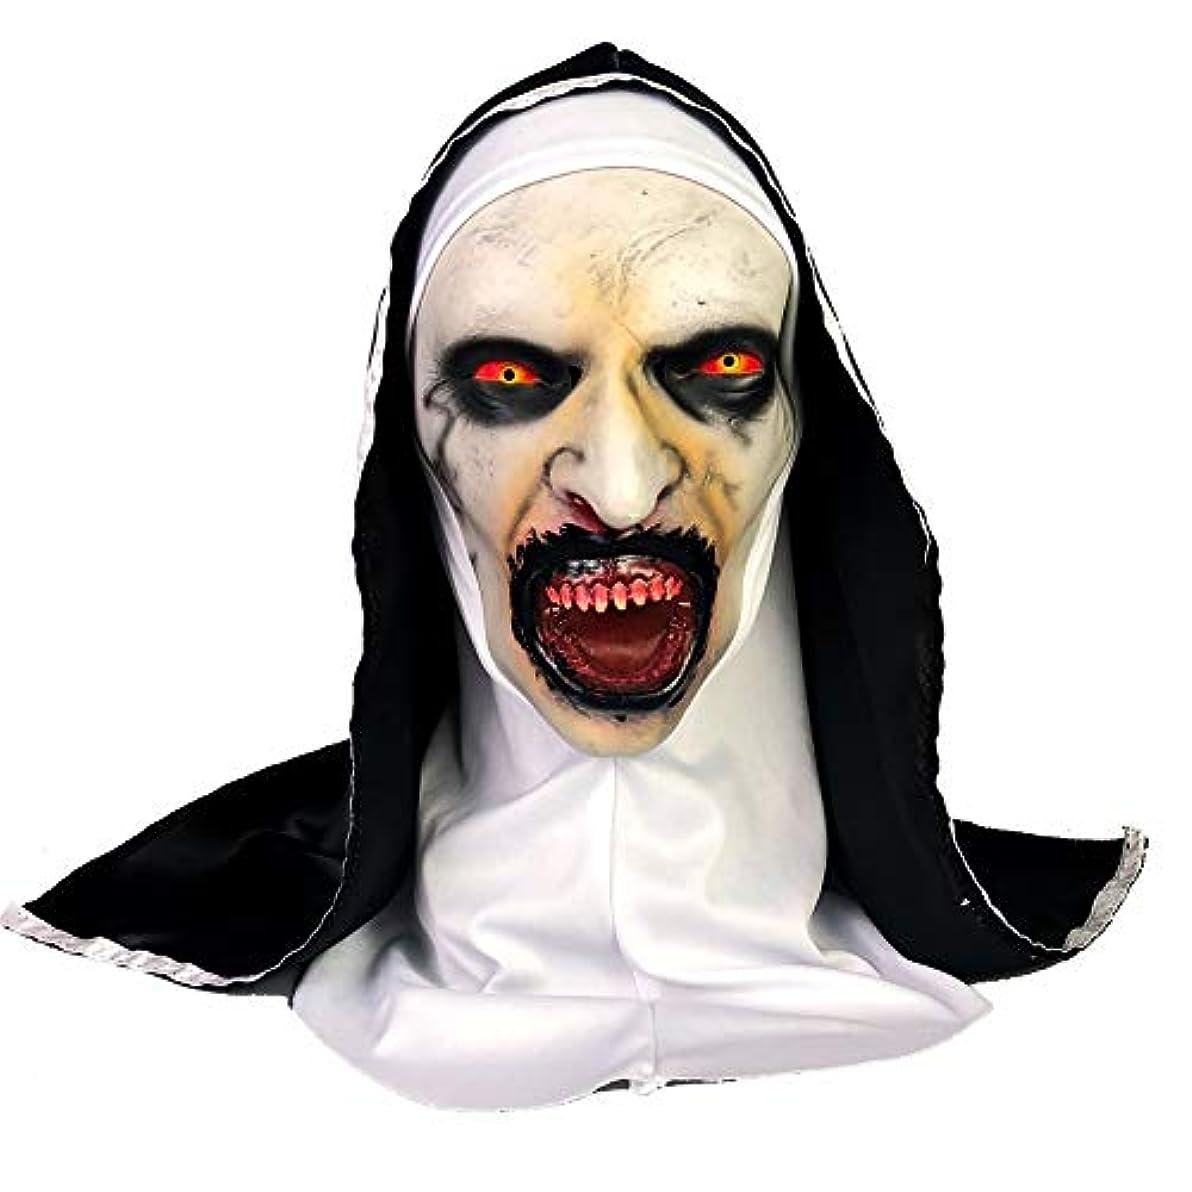 ホールド人形人形KISSION ハロウィンマスク ホラーマスク ユニークなホラー修道女マスク ハロウィンコスプレドレスアップアイテム お化け屋敷パーティー用品